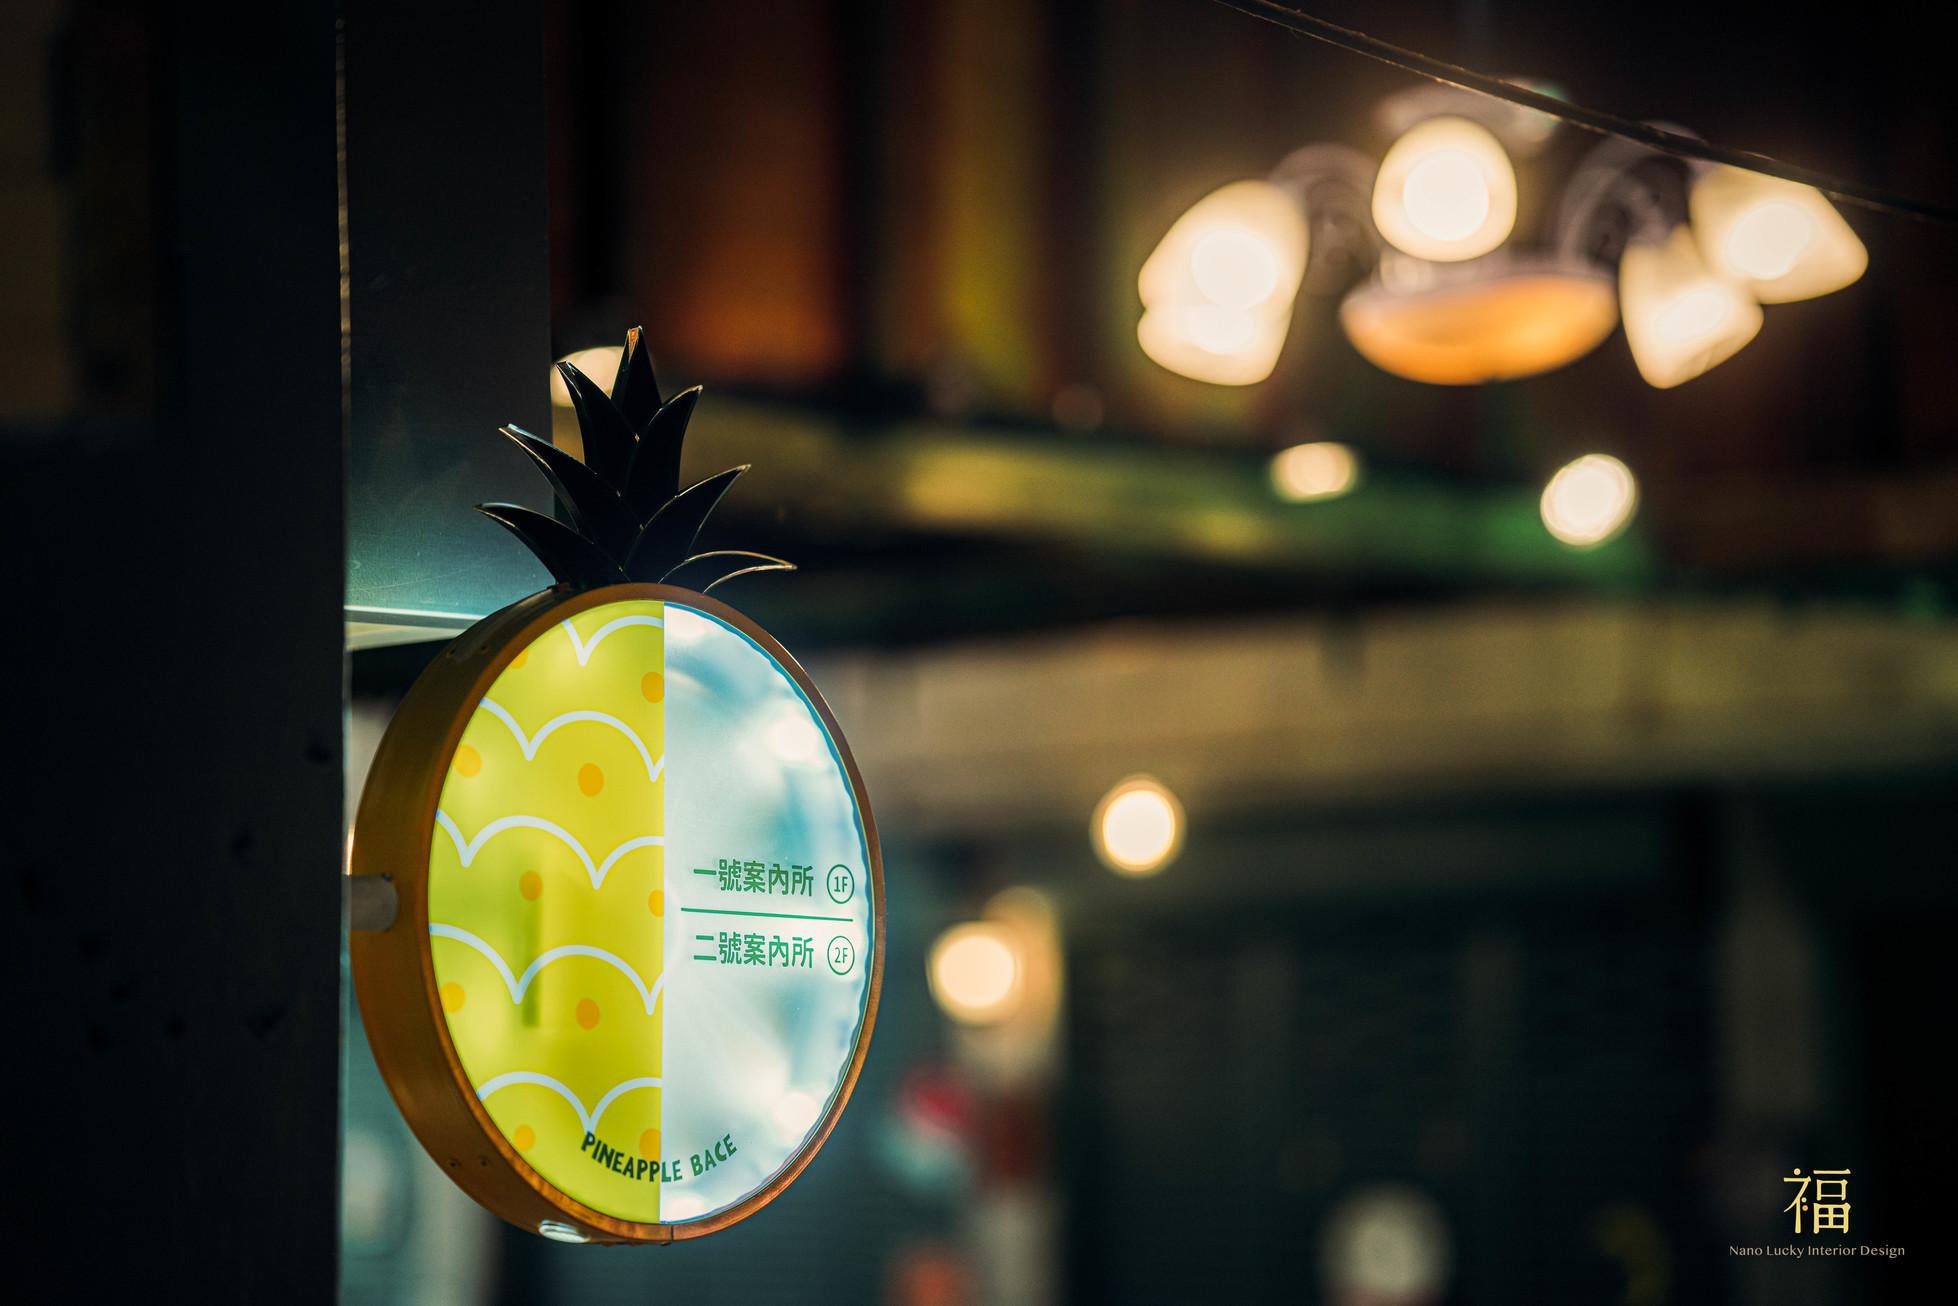 鳳梨會社5點0-pineapplebace|小福砌社區空間規劃設計